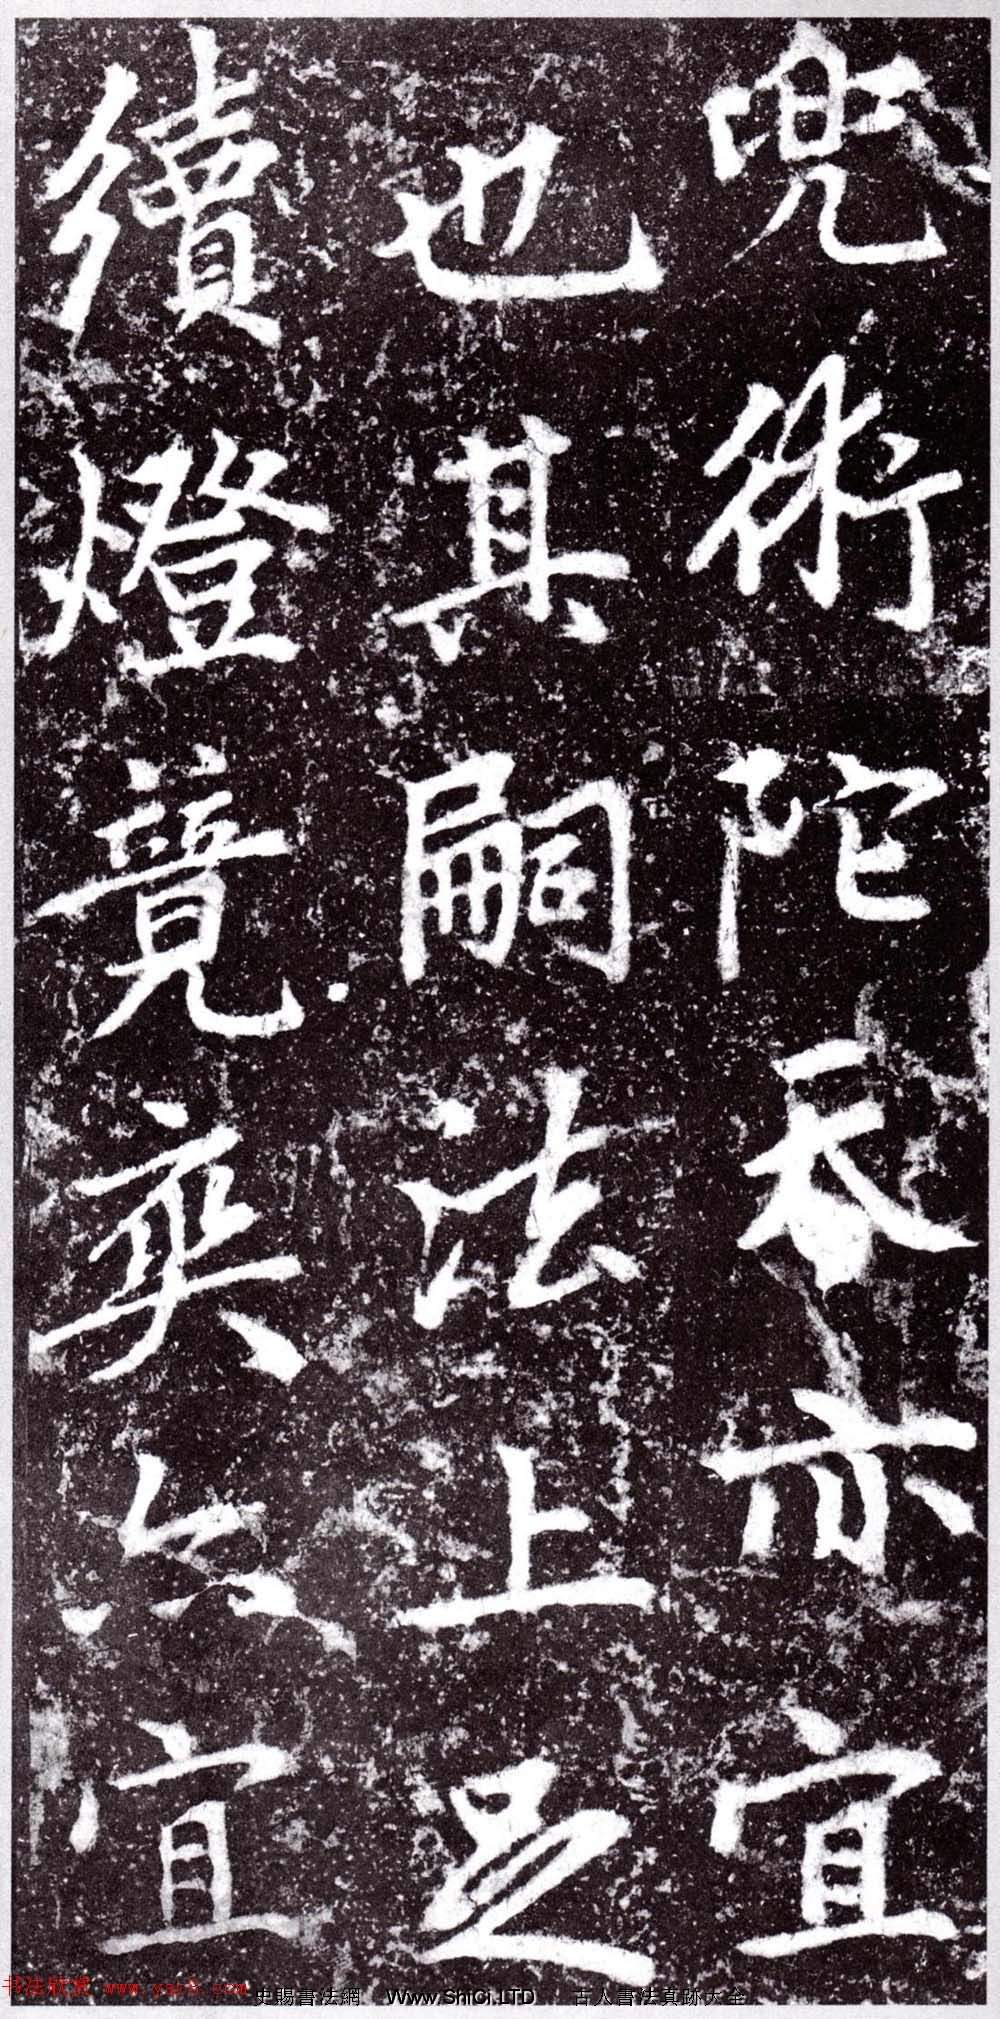 元朝趙孟俯行楷書《裕公和尚道行碑》